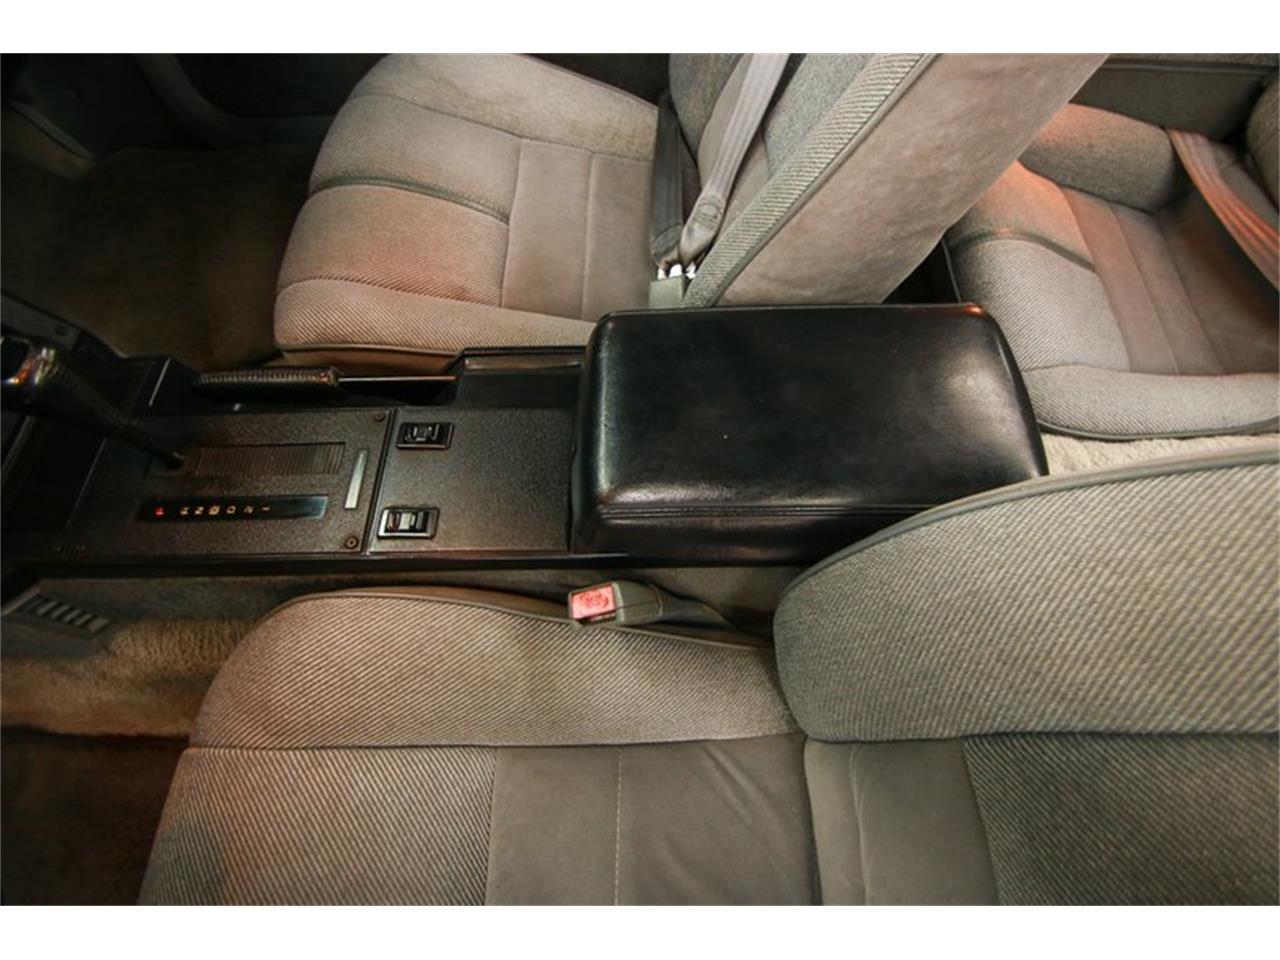 Large Picture of 1992 Chevrolet Camaro located in Cincinnati Ohio - $12,900.00 - QLU7